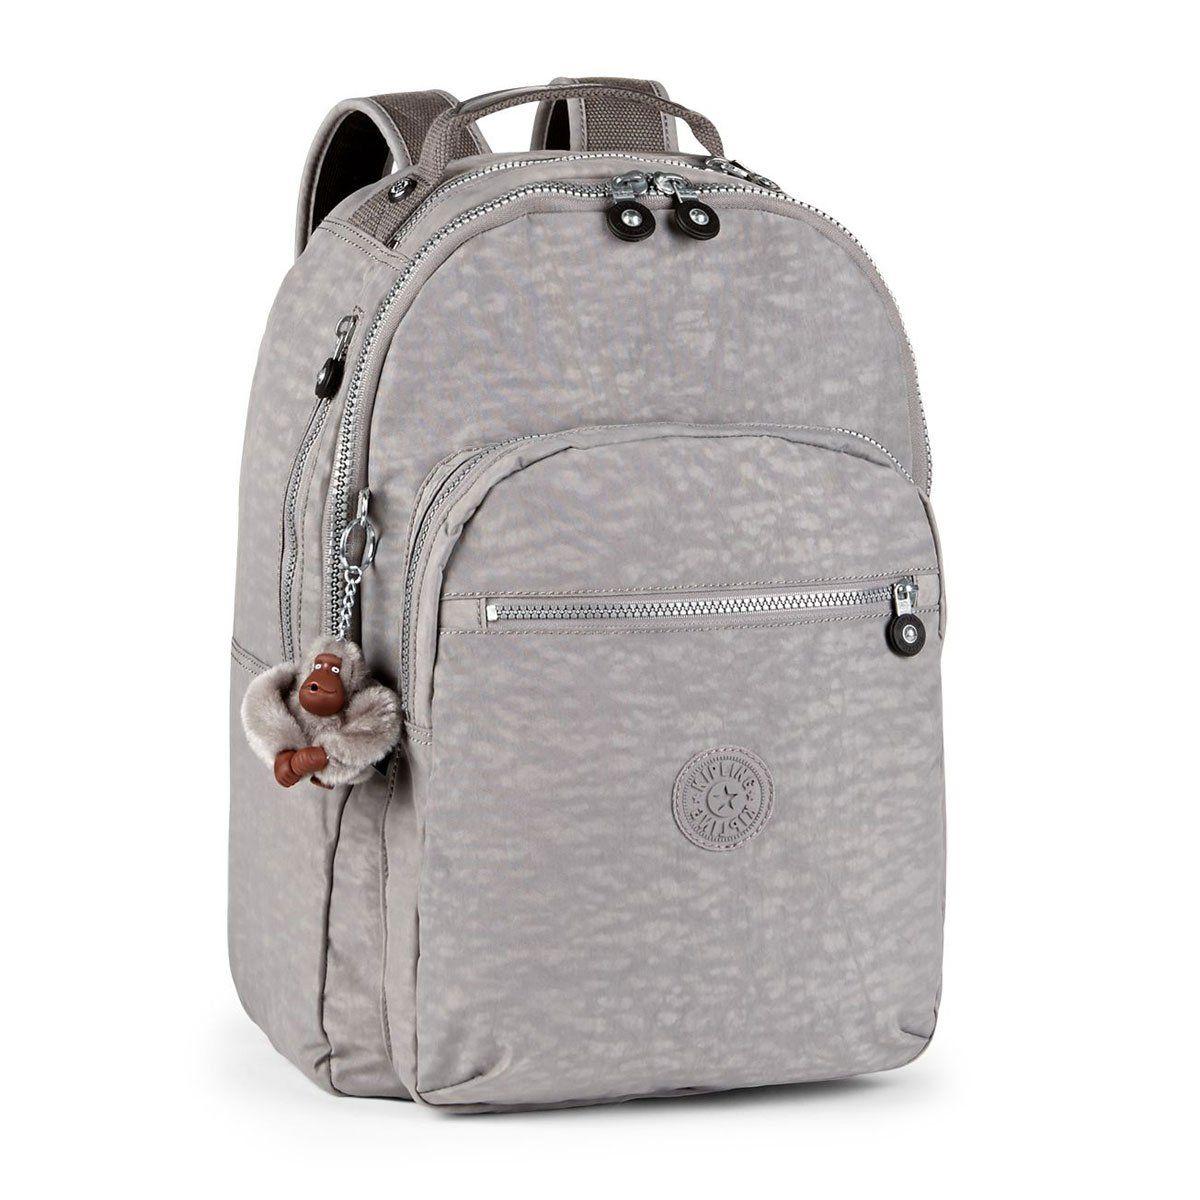 59e0738e8 Ideal para cualquier estilo. Mochila Kipling | gustados